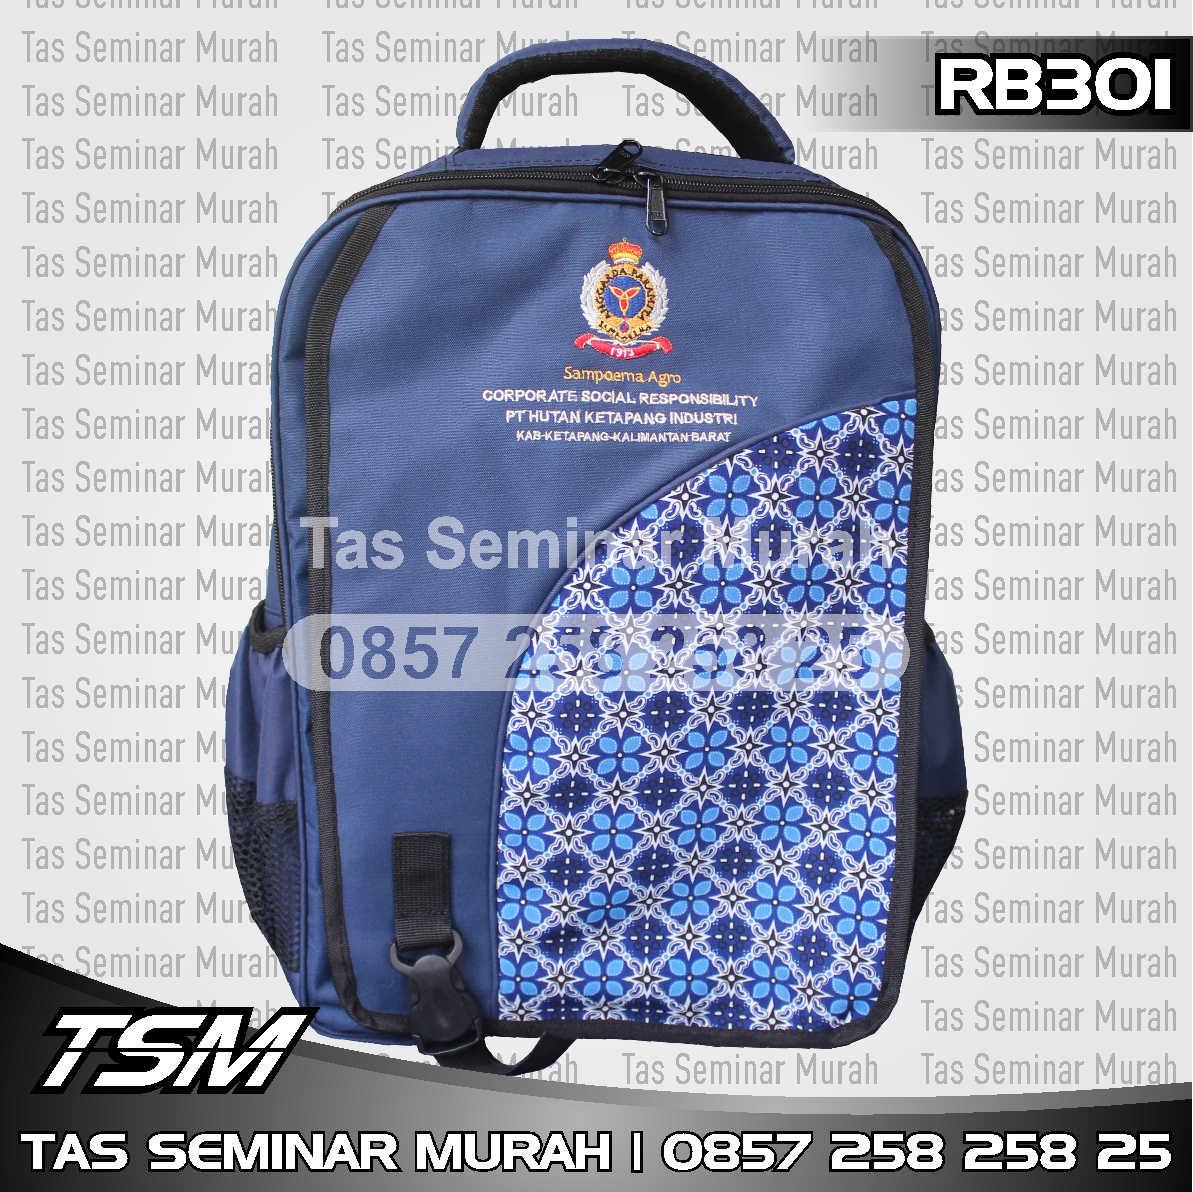 September 2012 - Konveksi TAS SEMINAR MURAH Pesan Tas Diklat Tas Pelatihan  Jogja deff76c470